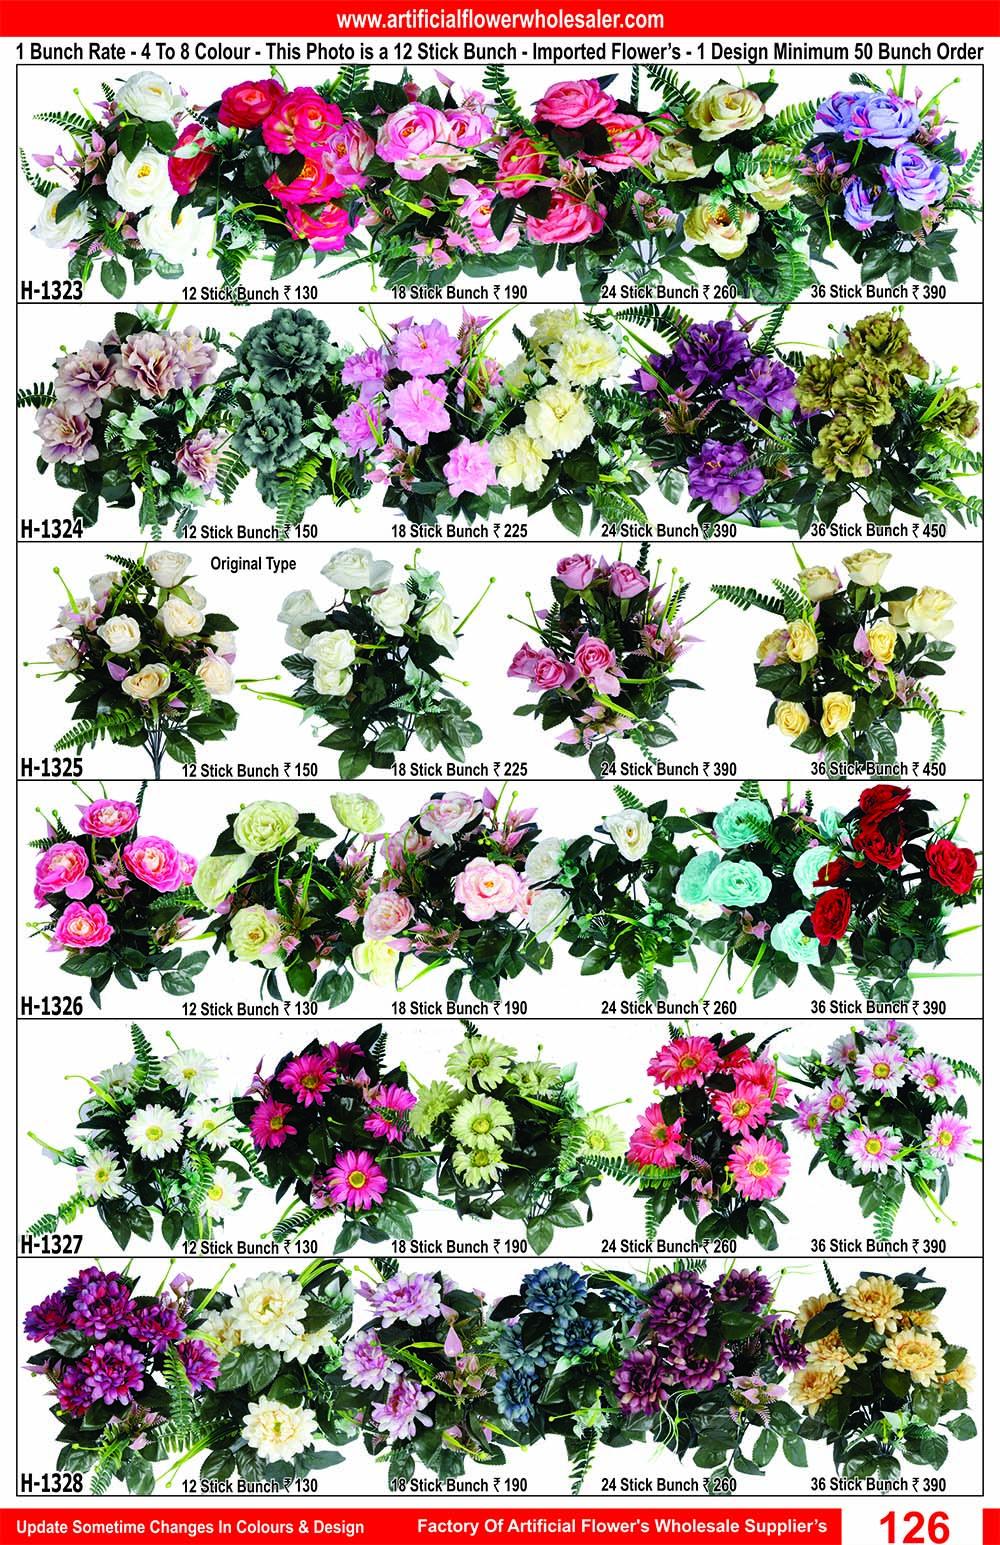 126-artificial-flower-wholesaler